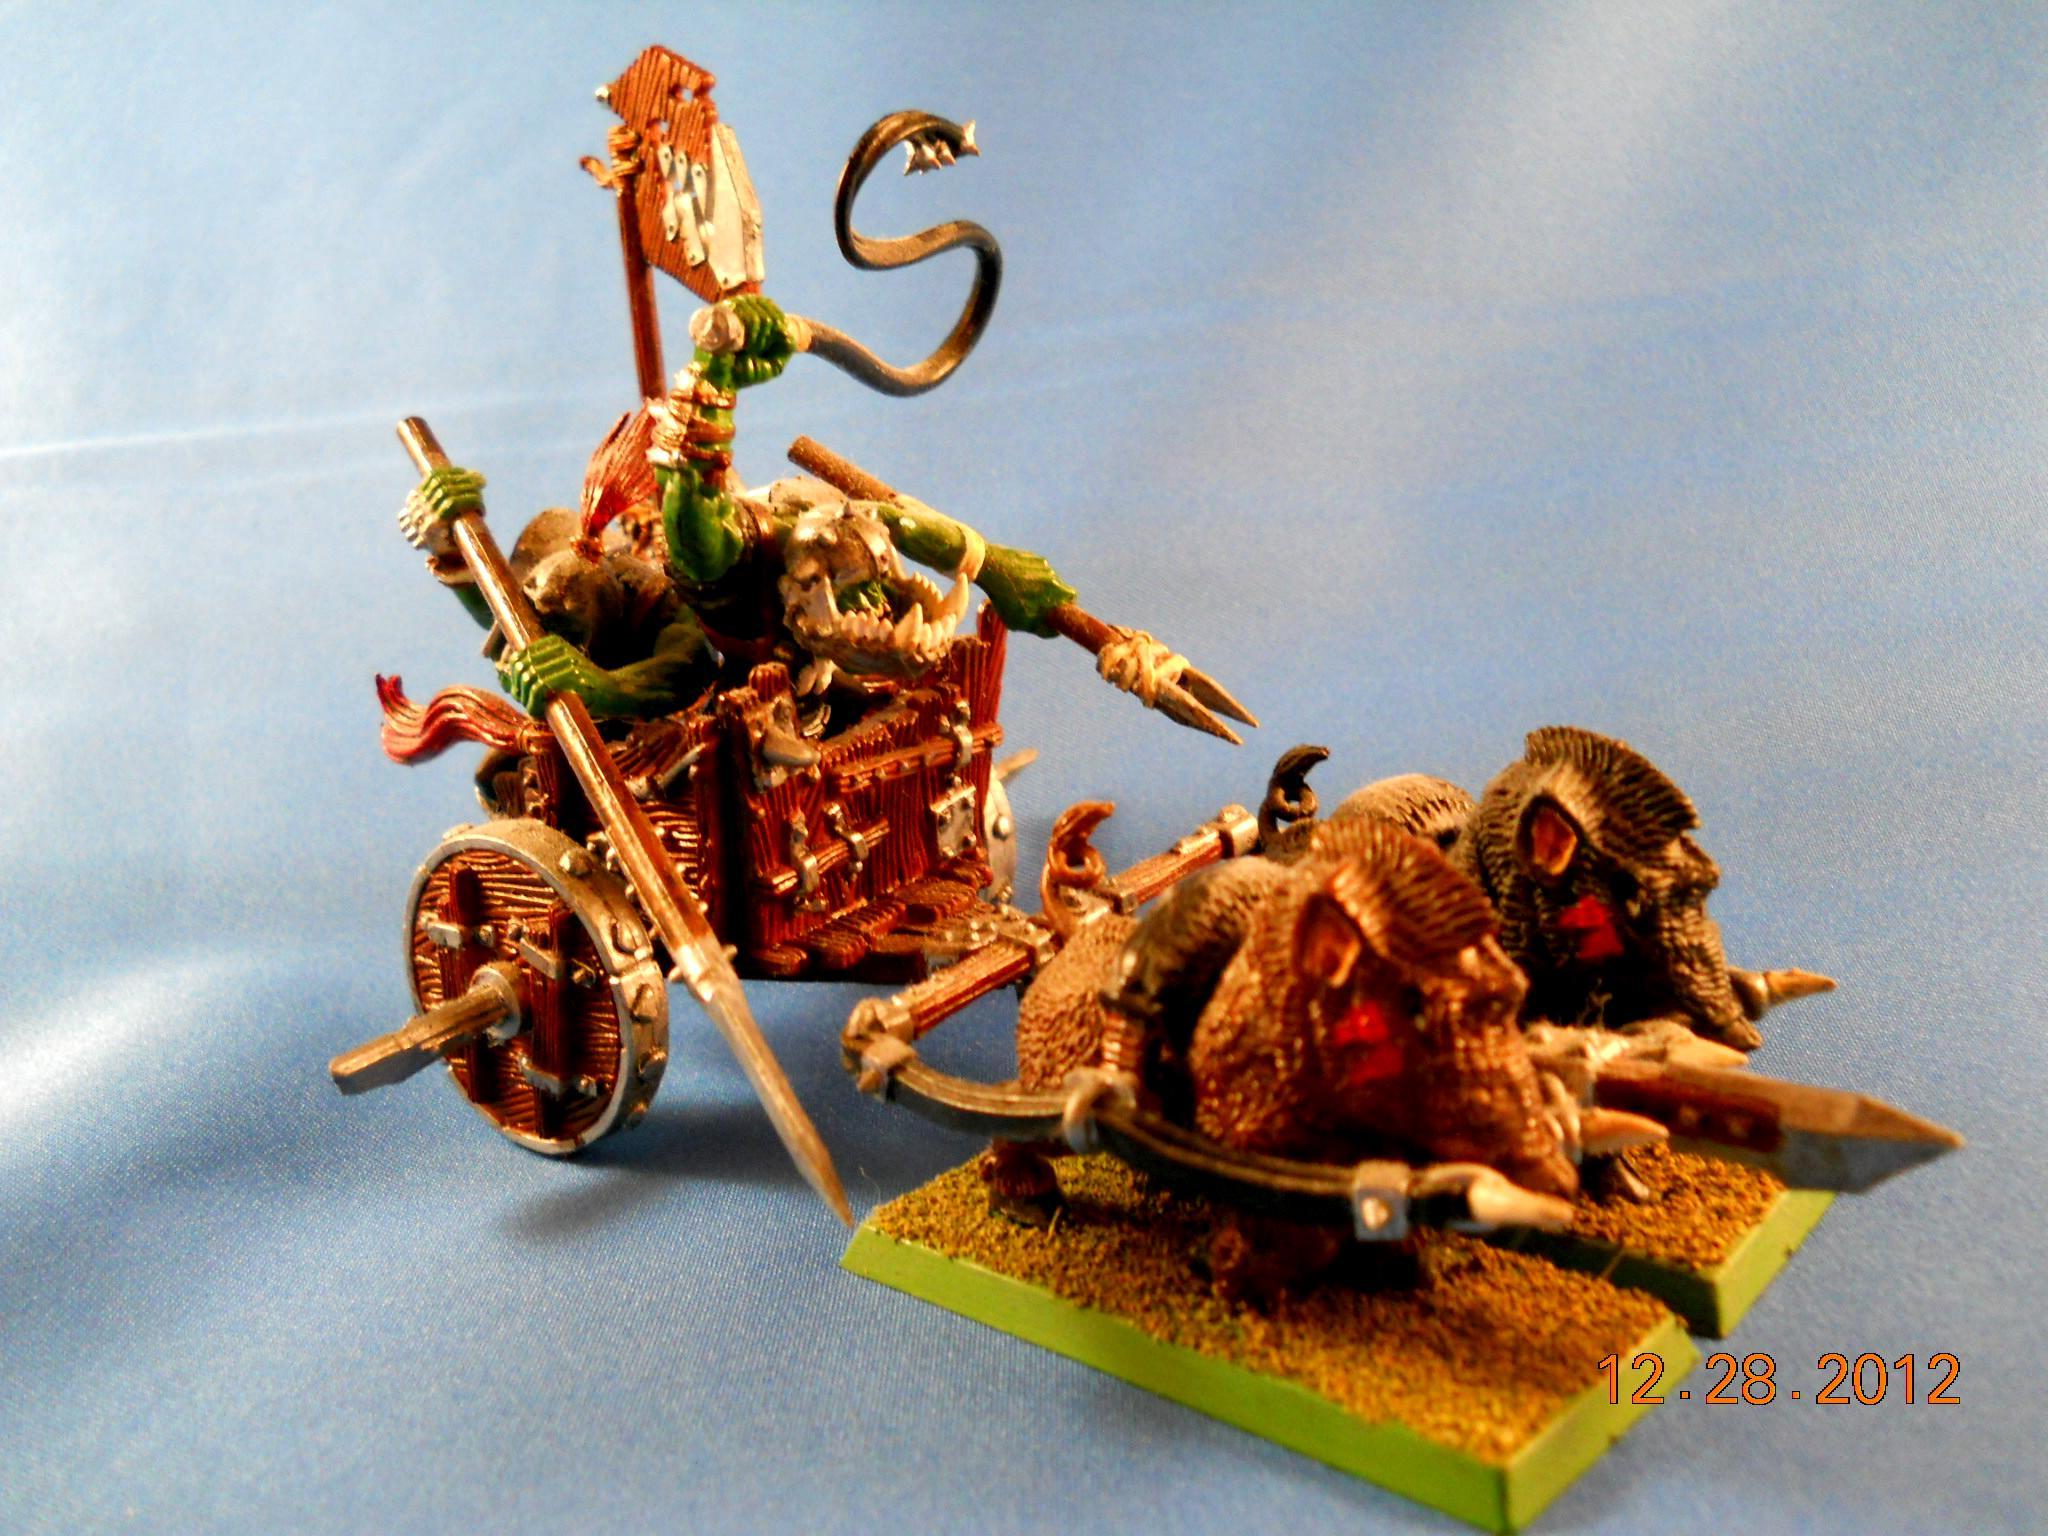 Warhammer Fantasy, Orc Chariot (Pic 3)